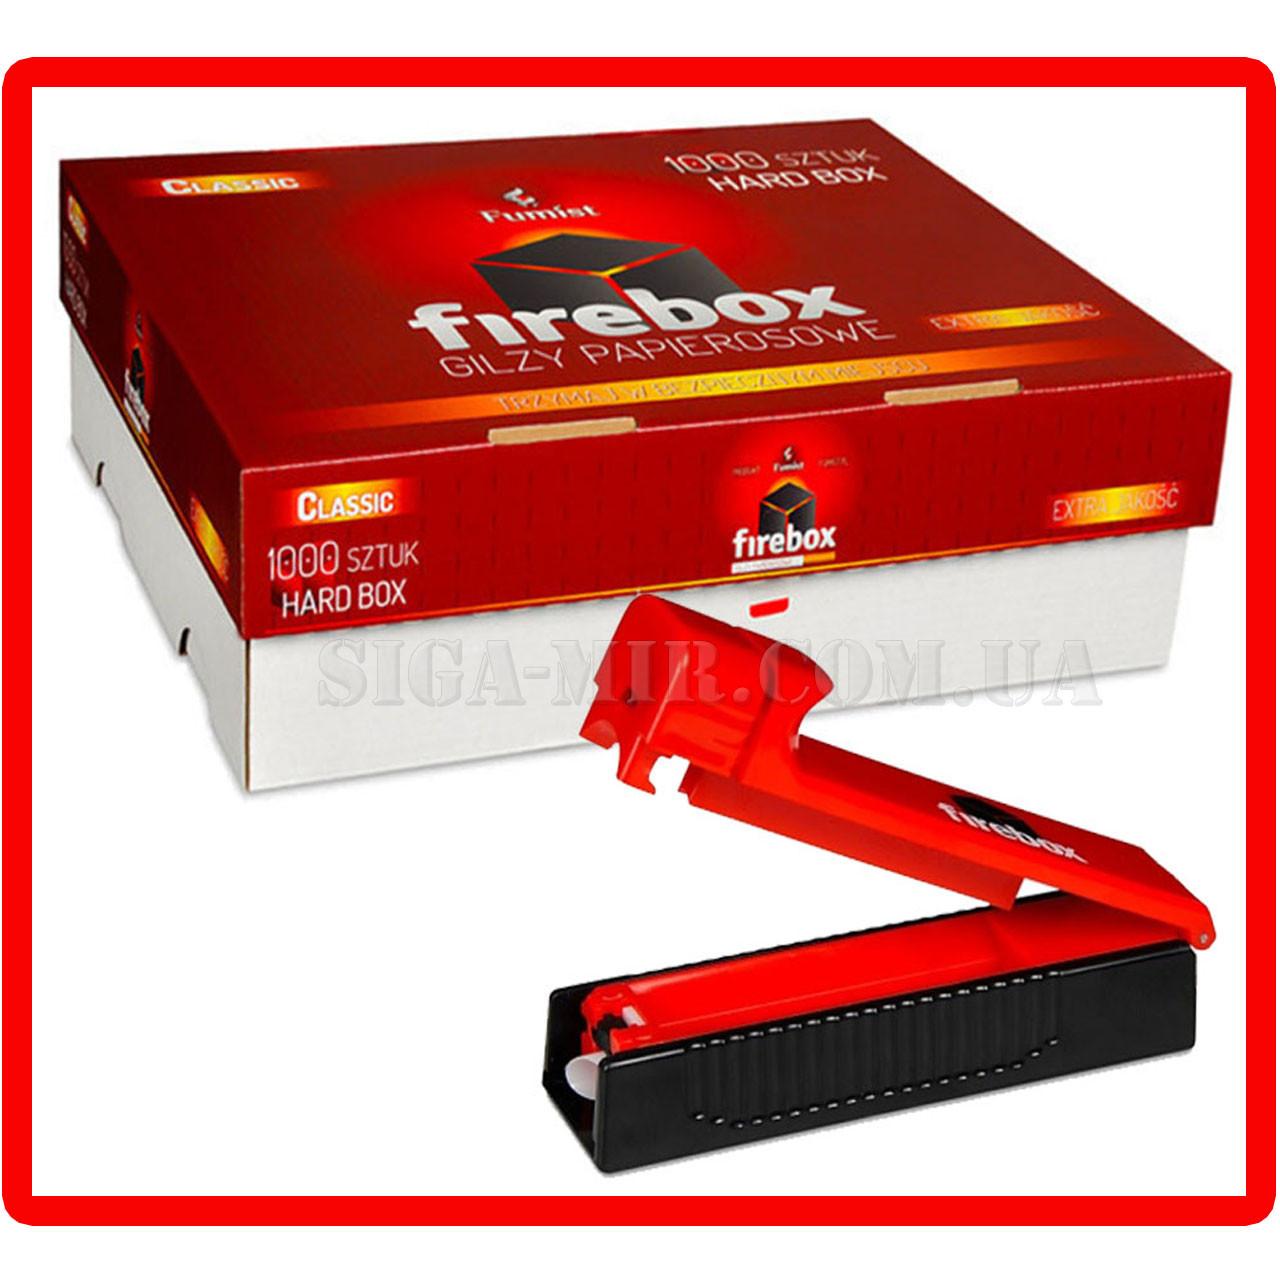 Набор Сигаретные Гильзы FireBox 1000 штук + фирменная машинка для набивки сигарет